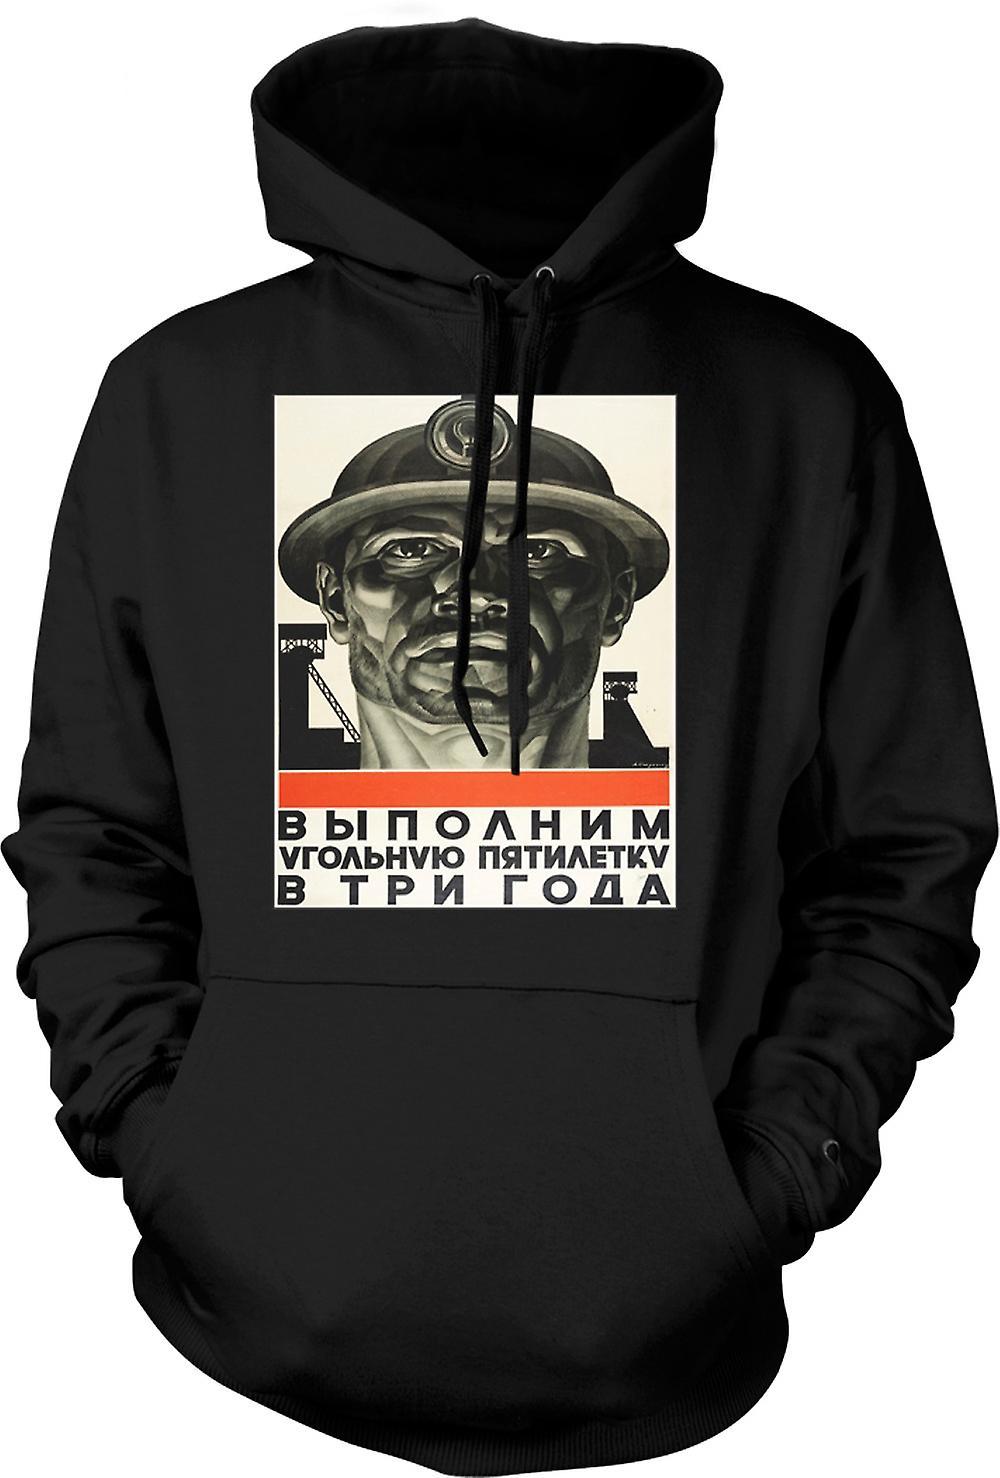 Mens-Hoodie - Miner russische Propaganda - Plakat